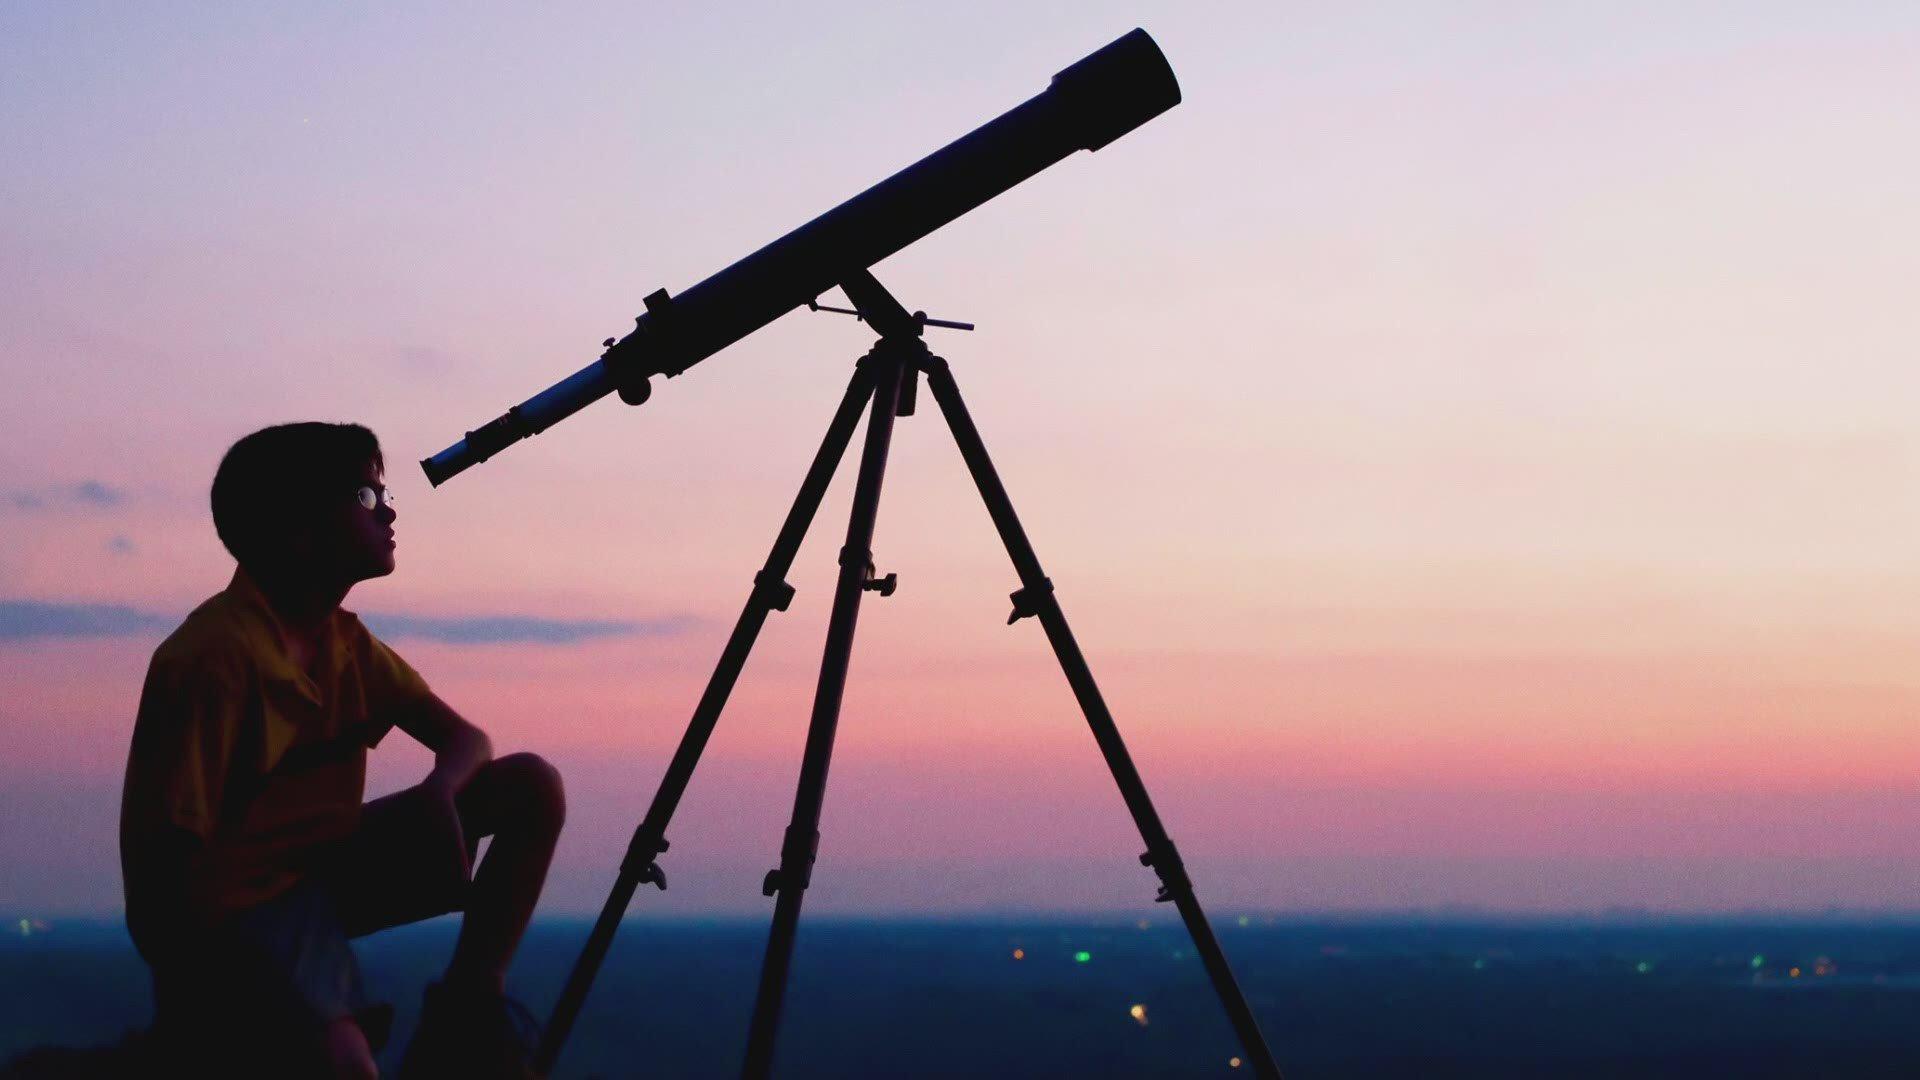 A surpreendente história do telescópio - da guerra ao olho espacial!. O início da história do telescópio é um grande mistério, mas sua invenção mudou para sempre a forma com que observamos o espaço.